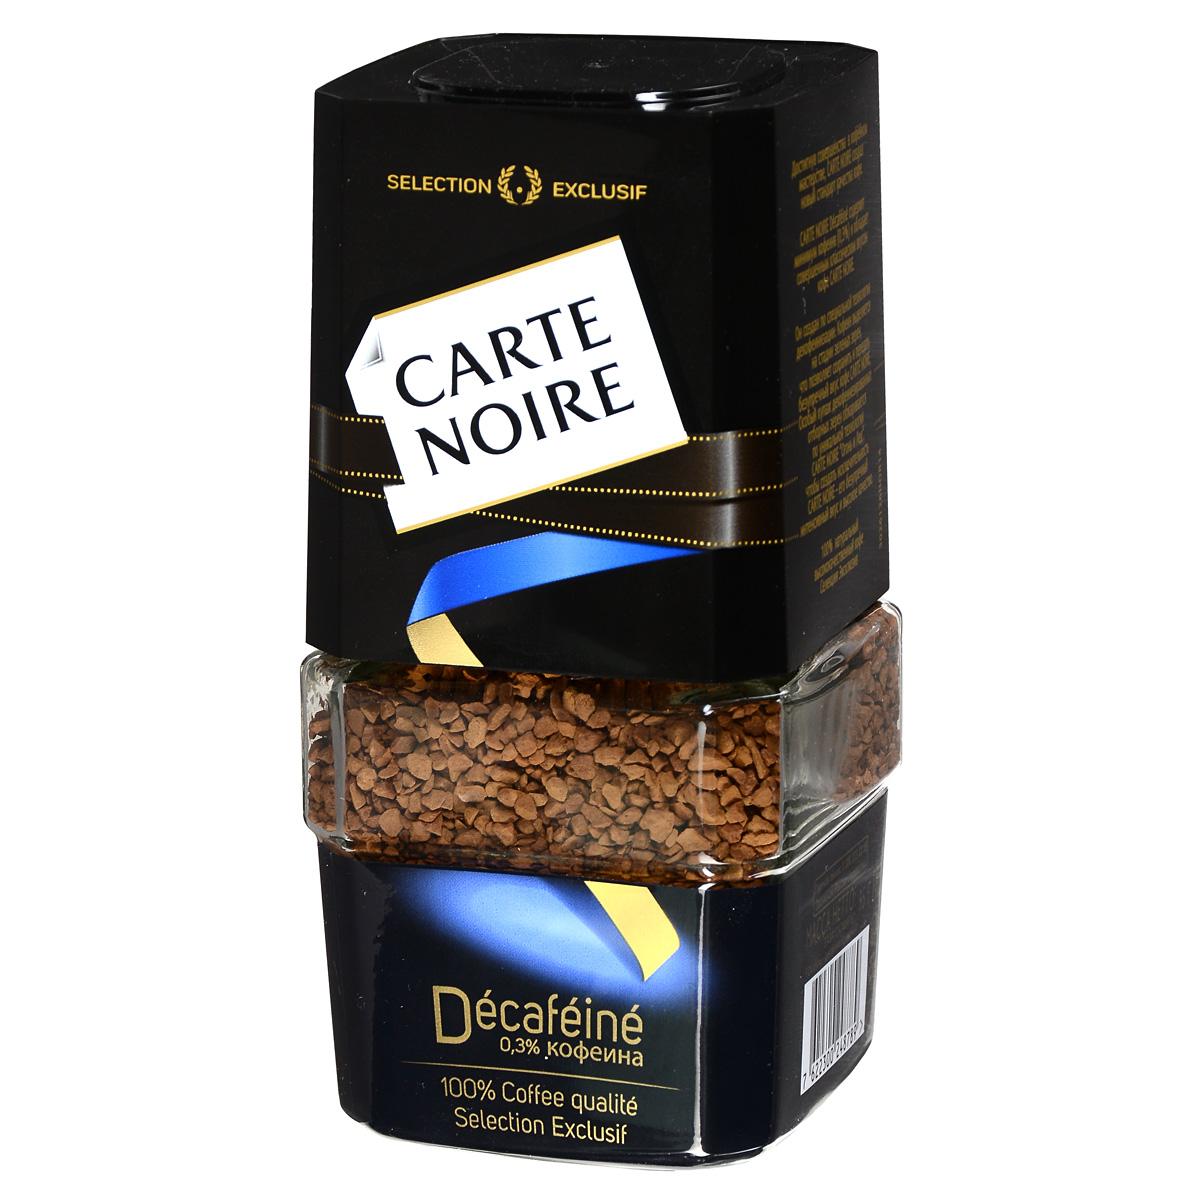 Carte Noire Decafeine кофе растворимый, 95 г (стеклянная банка)0120710Carte Noire Decafeine содержит минимум кофеина (0,3%) и обладает совершенным классическим вкусом кофе Carte Noire.Он создан по специальной технологии декофеинизации: кофеин выделяется на стадии зеленых зерен, что позволяет сохранить и передать безупречный вкус кофе Carte Noire. Особый купаж декофеинезированных отборных зерен обжариваются по уникальной технологии Carte Noire Огонь и Лед, чтобы создать исключительность Carte Noire - его безупречный интенсивный вкус и высокое качество.